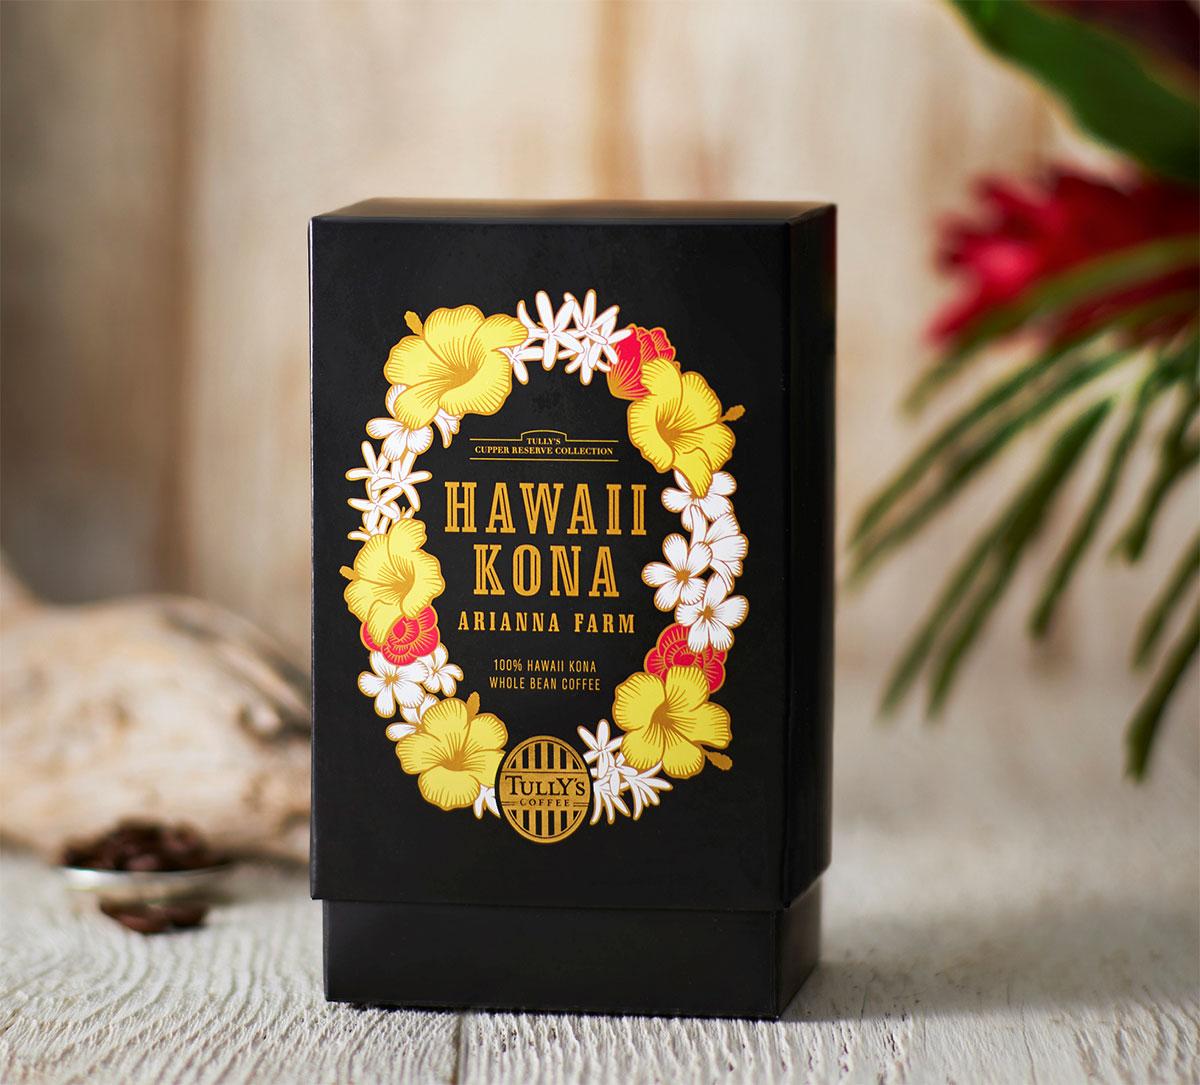 タリーズカッパーリザーブコレクション ハワイコナ100% アリアナファーム